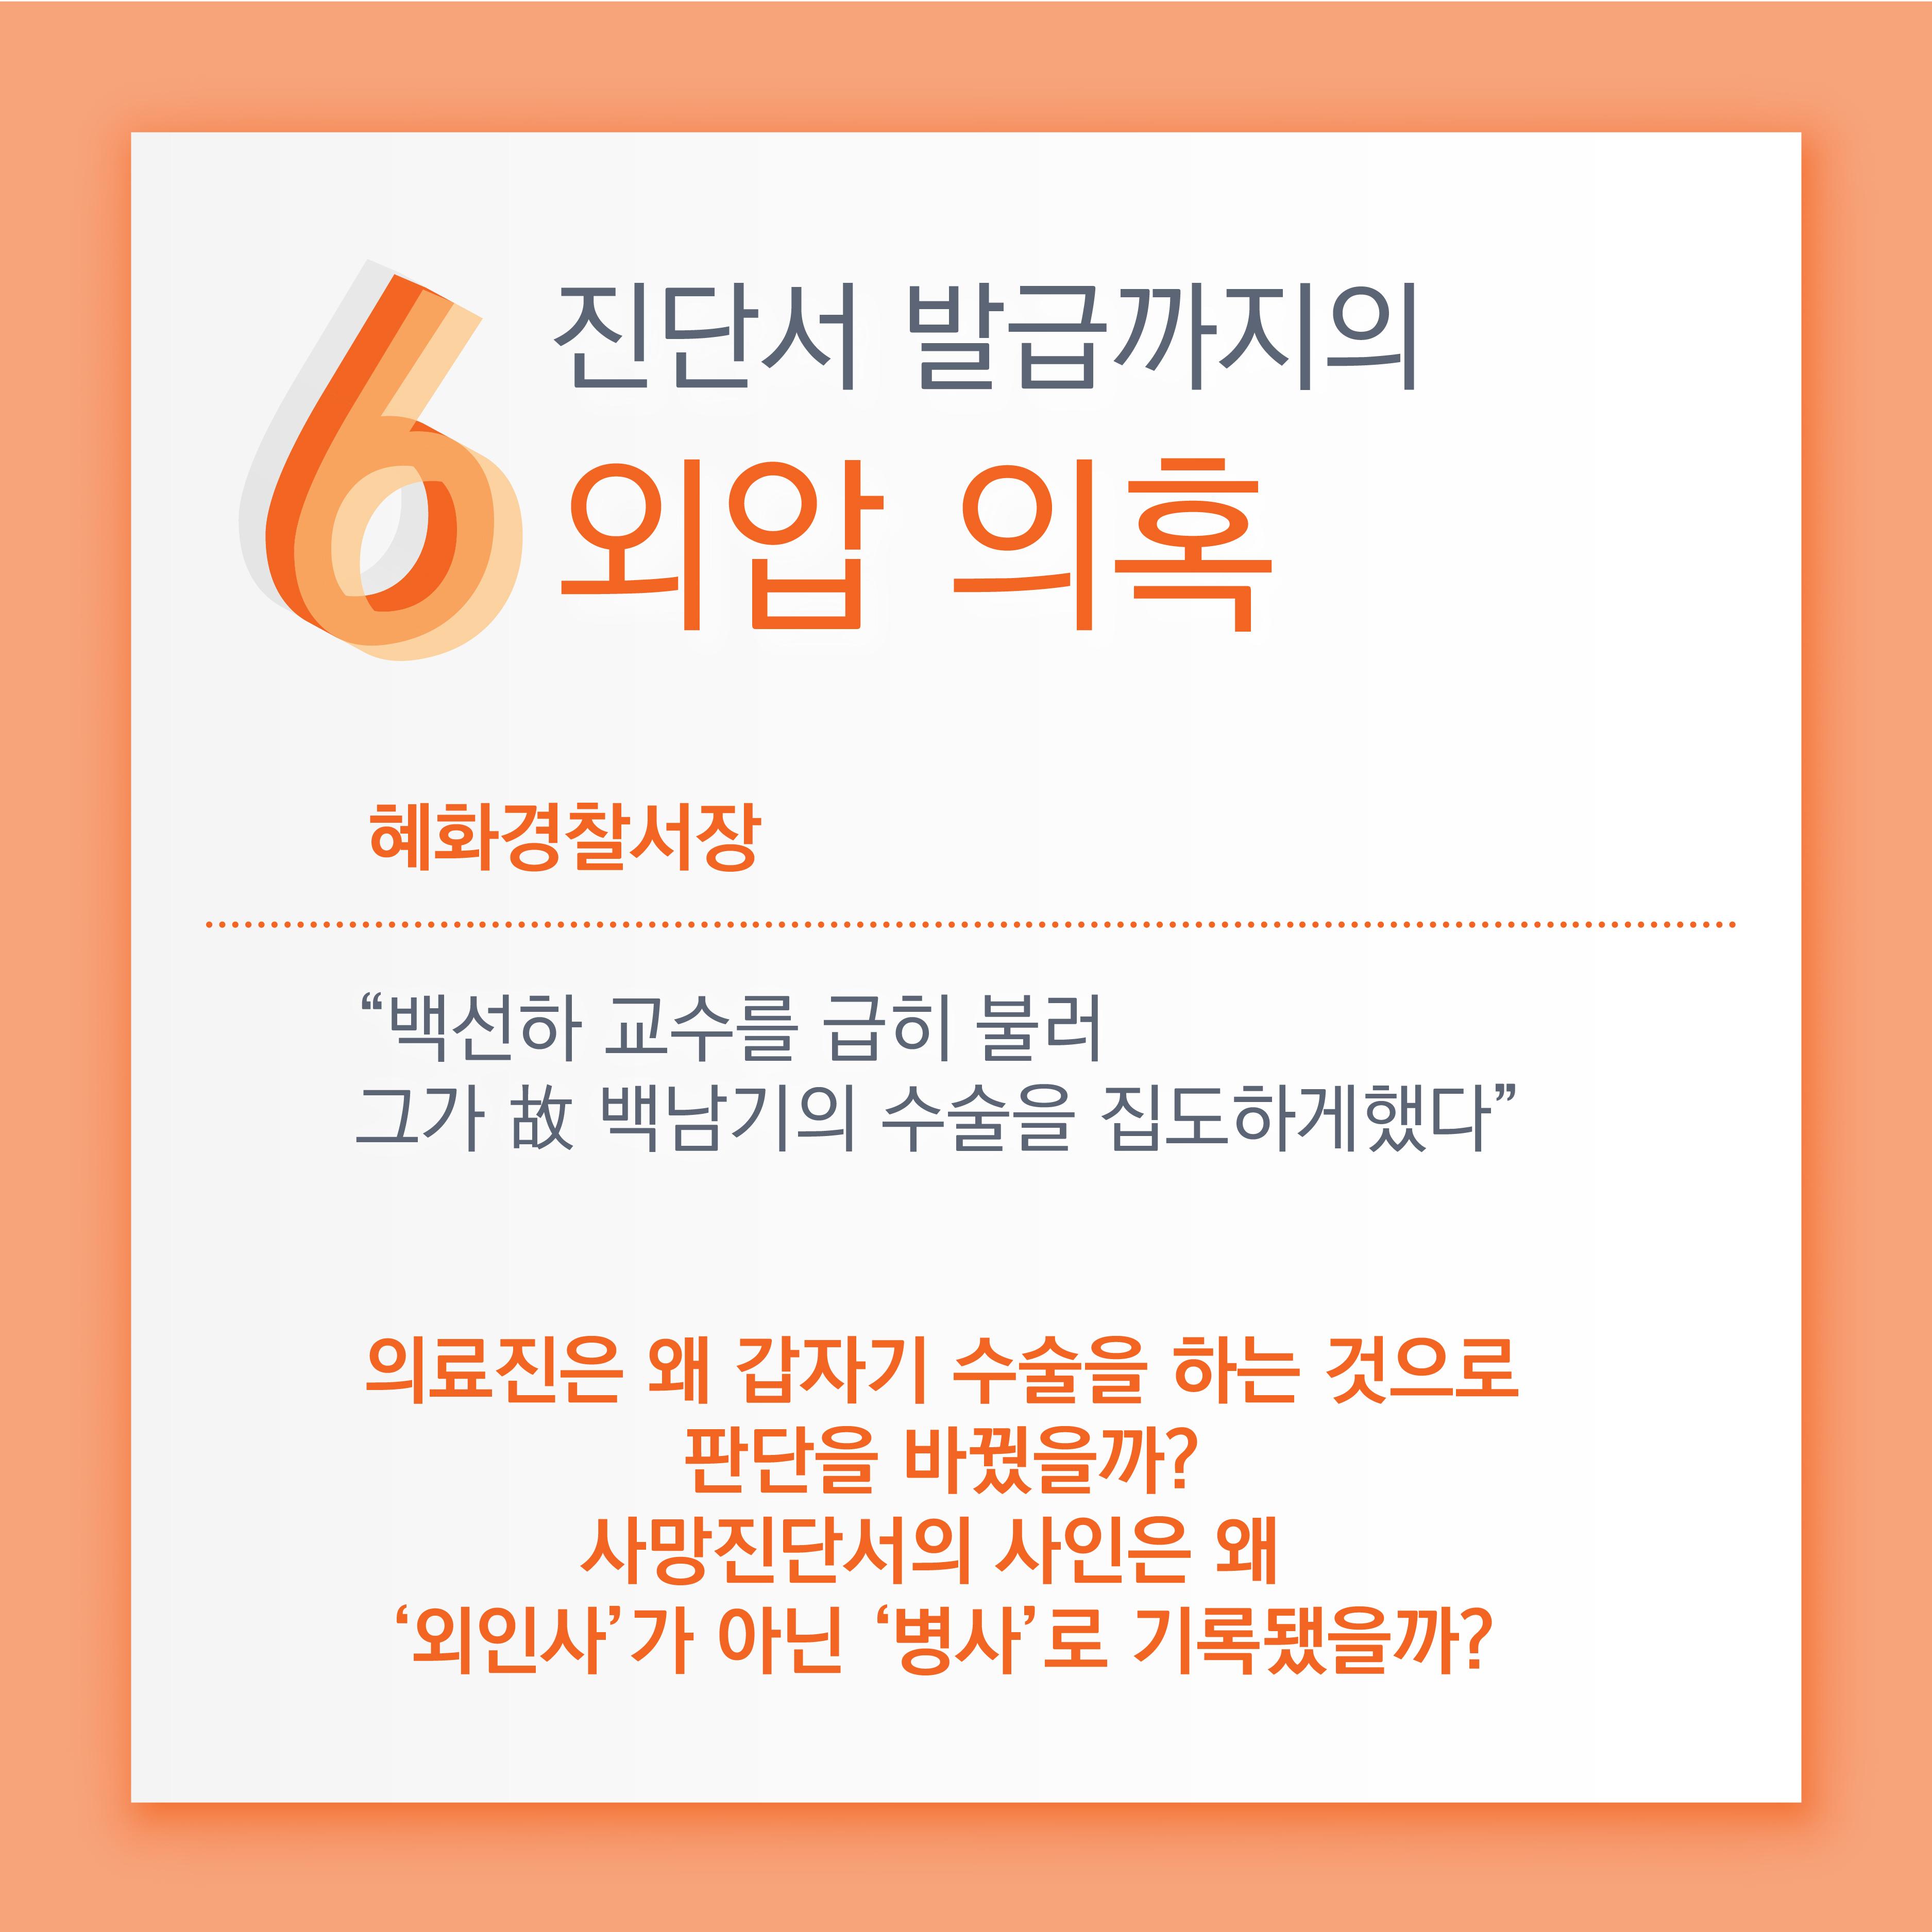 백남기 카드뉴스-21